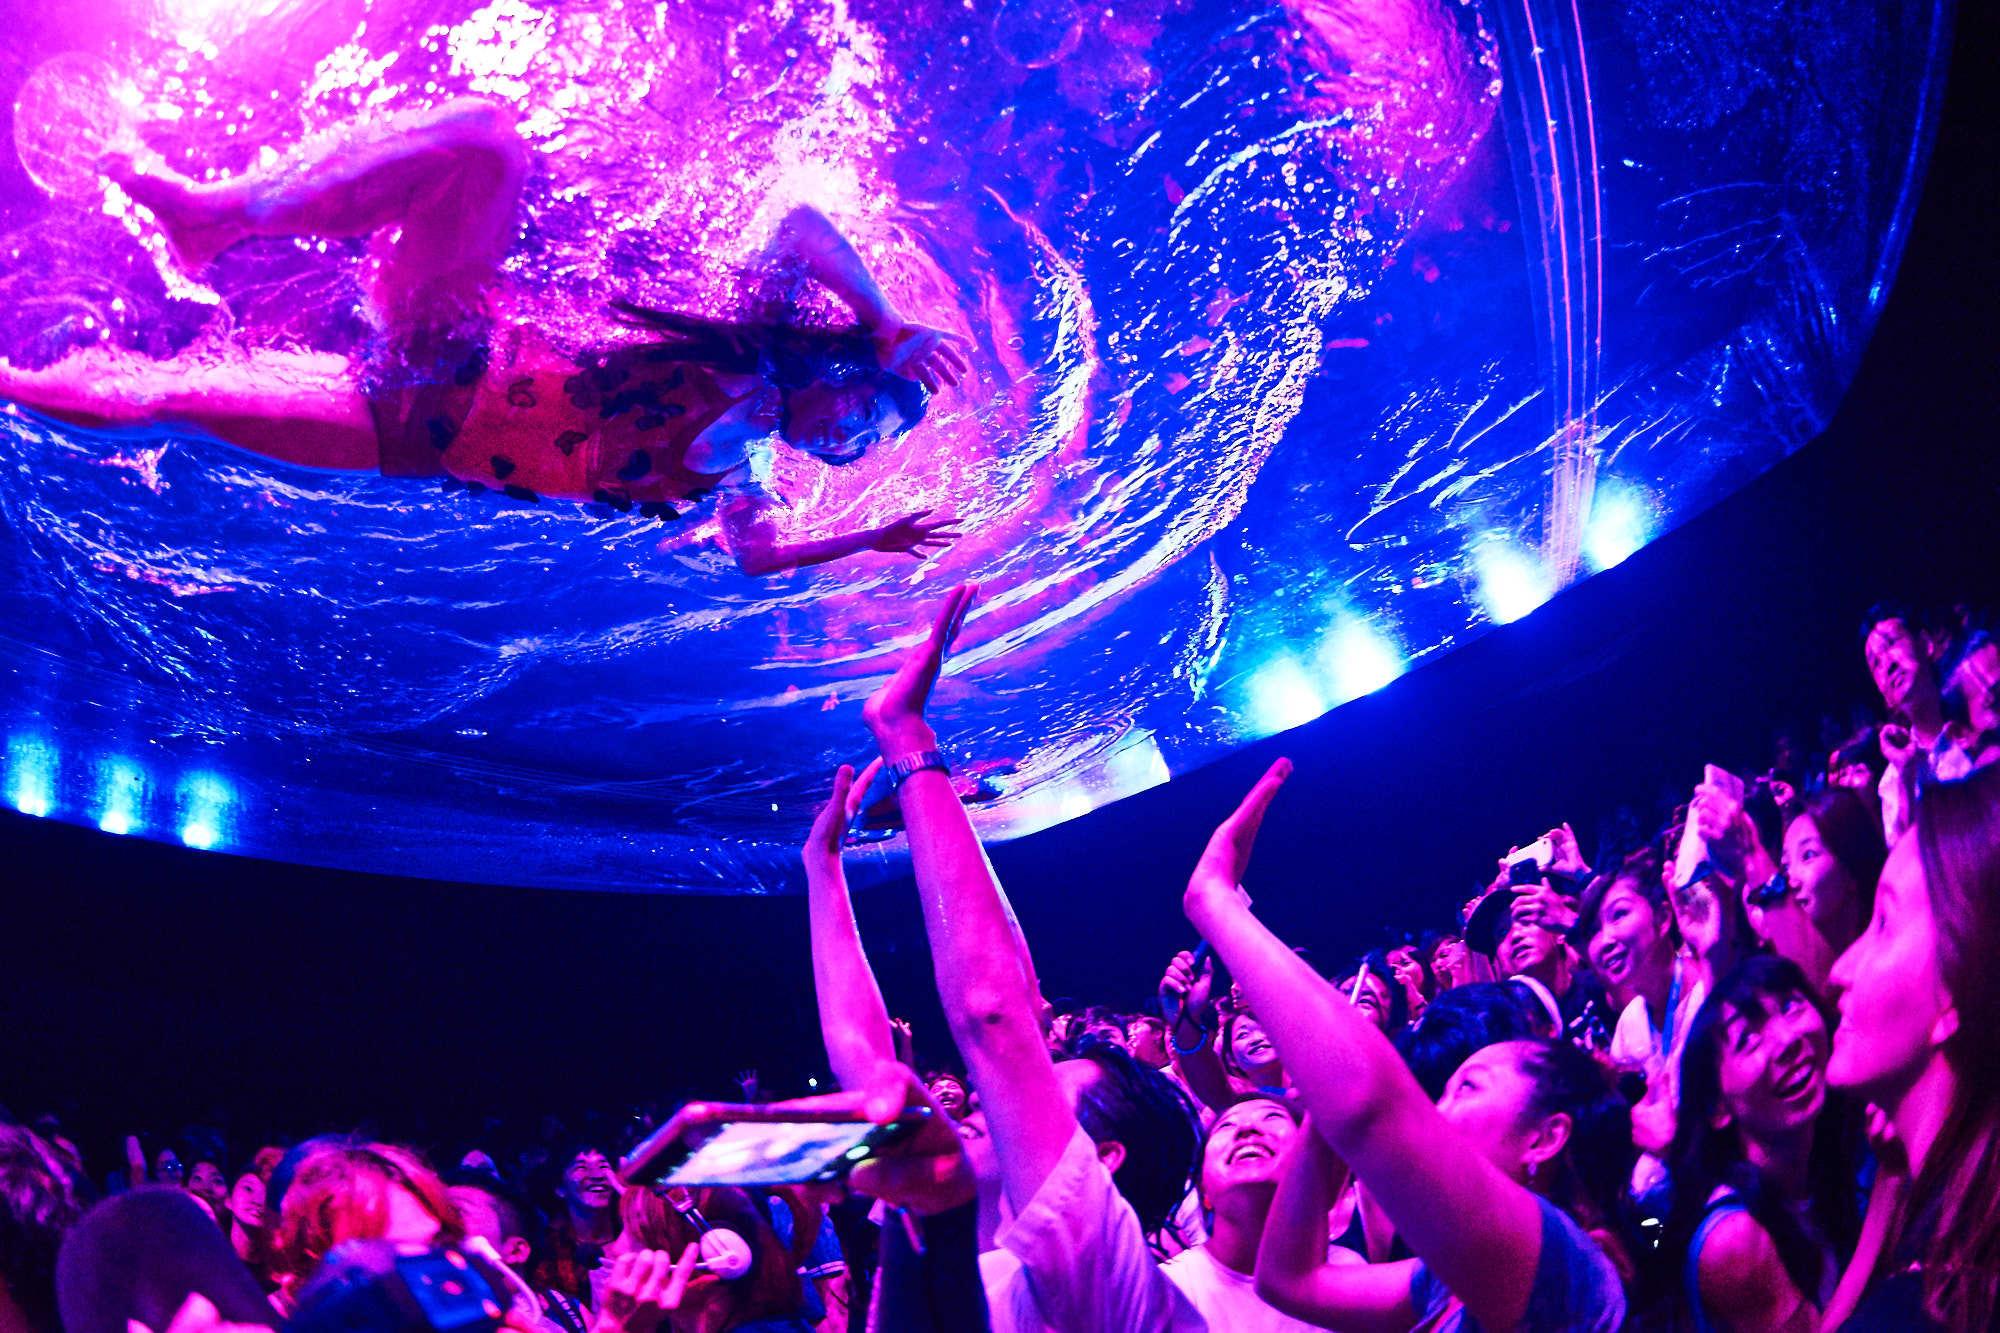 巨大プールが客席上空から降りてくる (C)uemizo